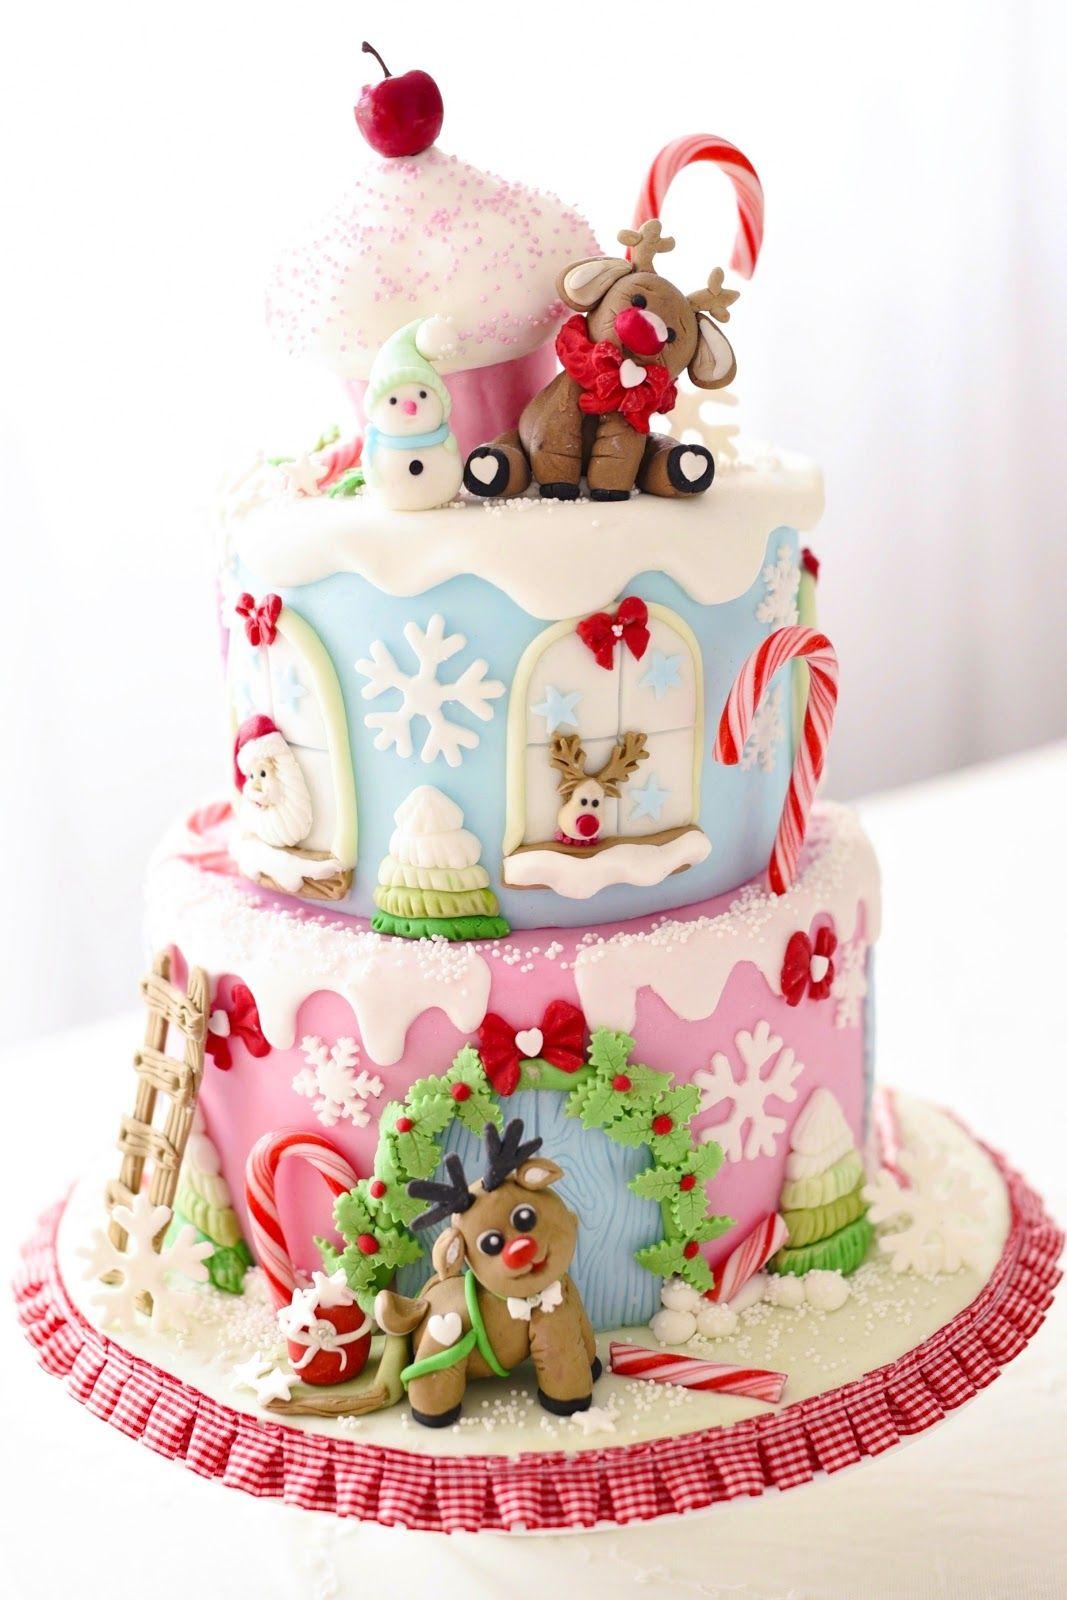 eine kunterbunte Weihnachts Motivtorte mit Rentieren  weihnachtstorte Rezept  Kuchen Fondant